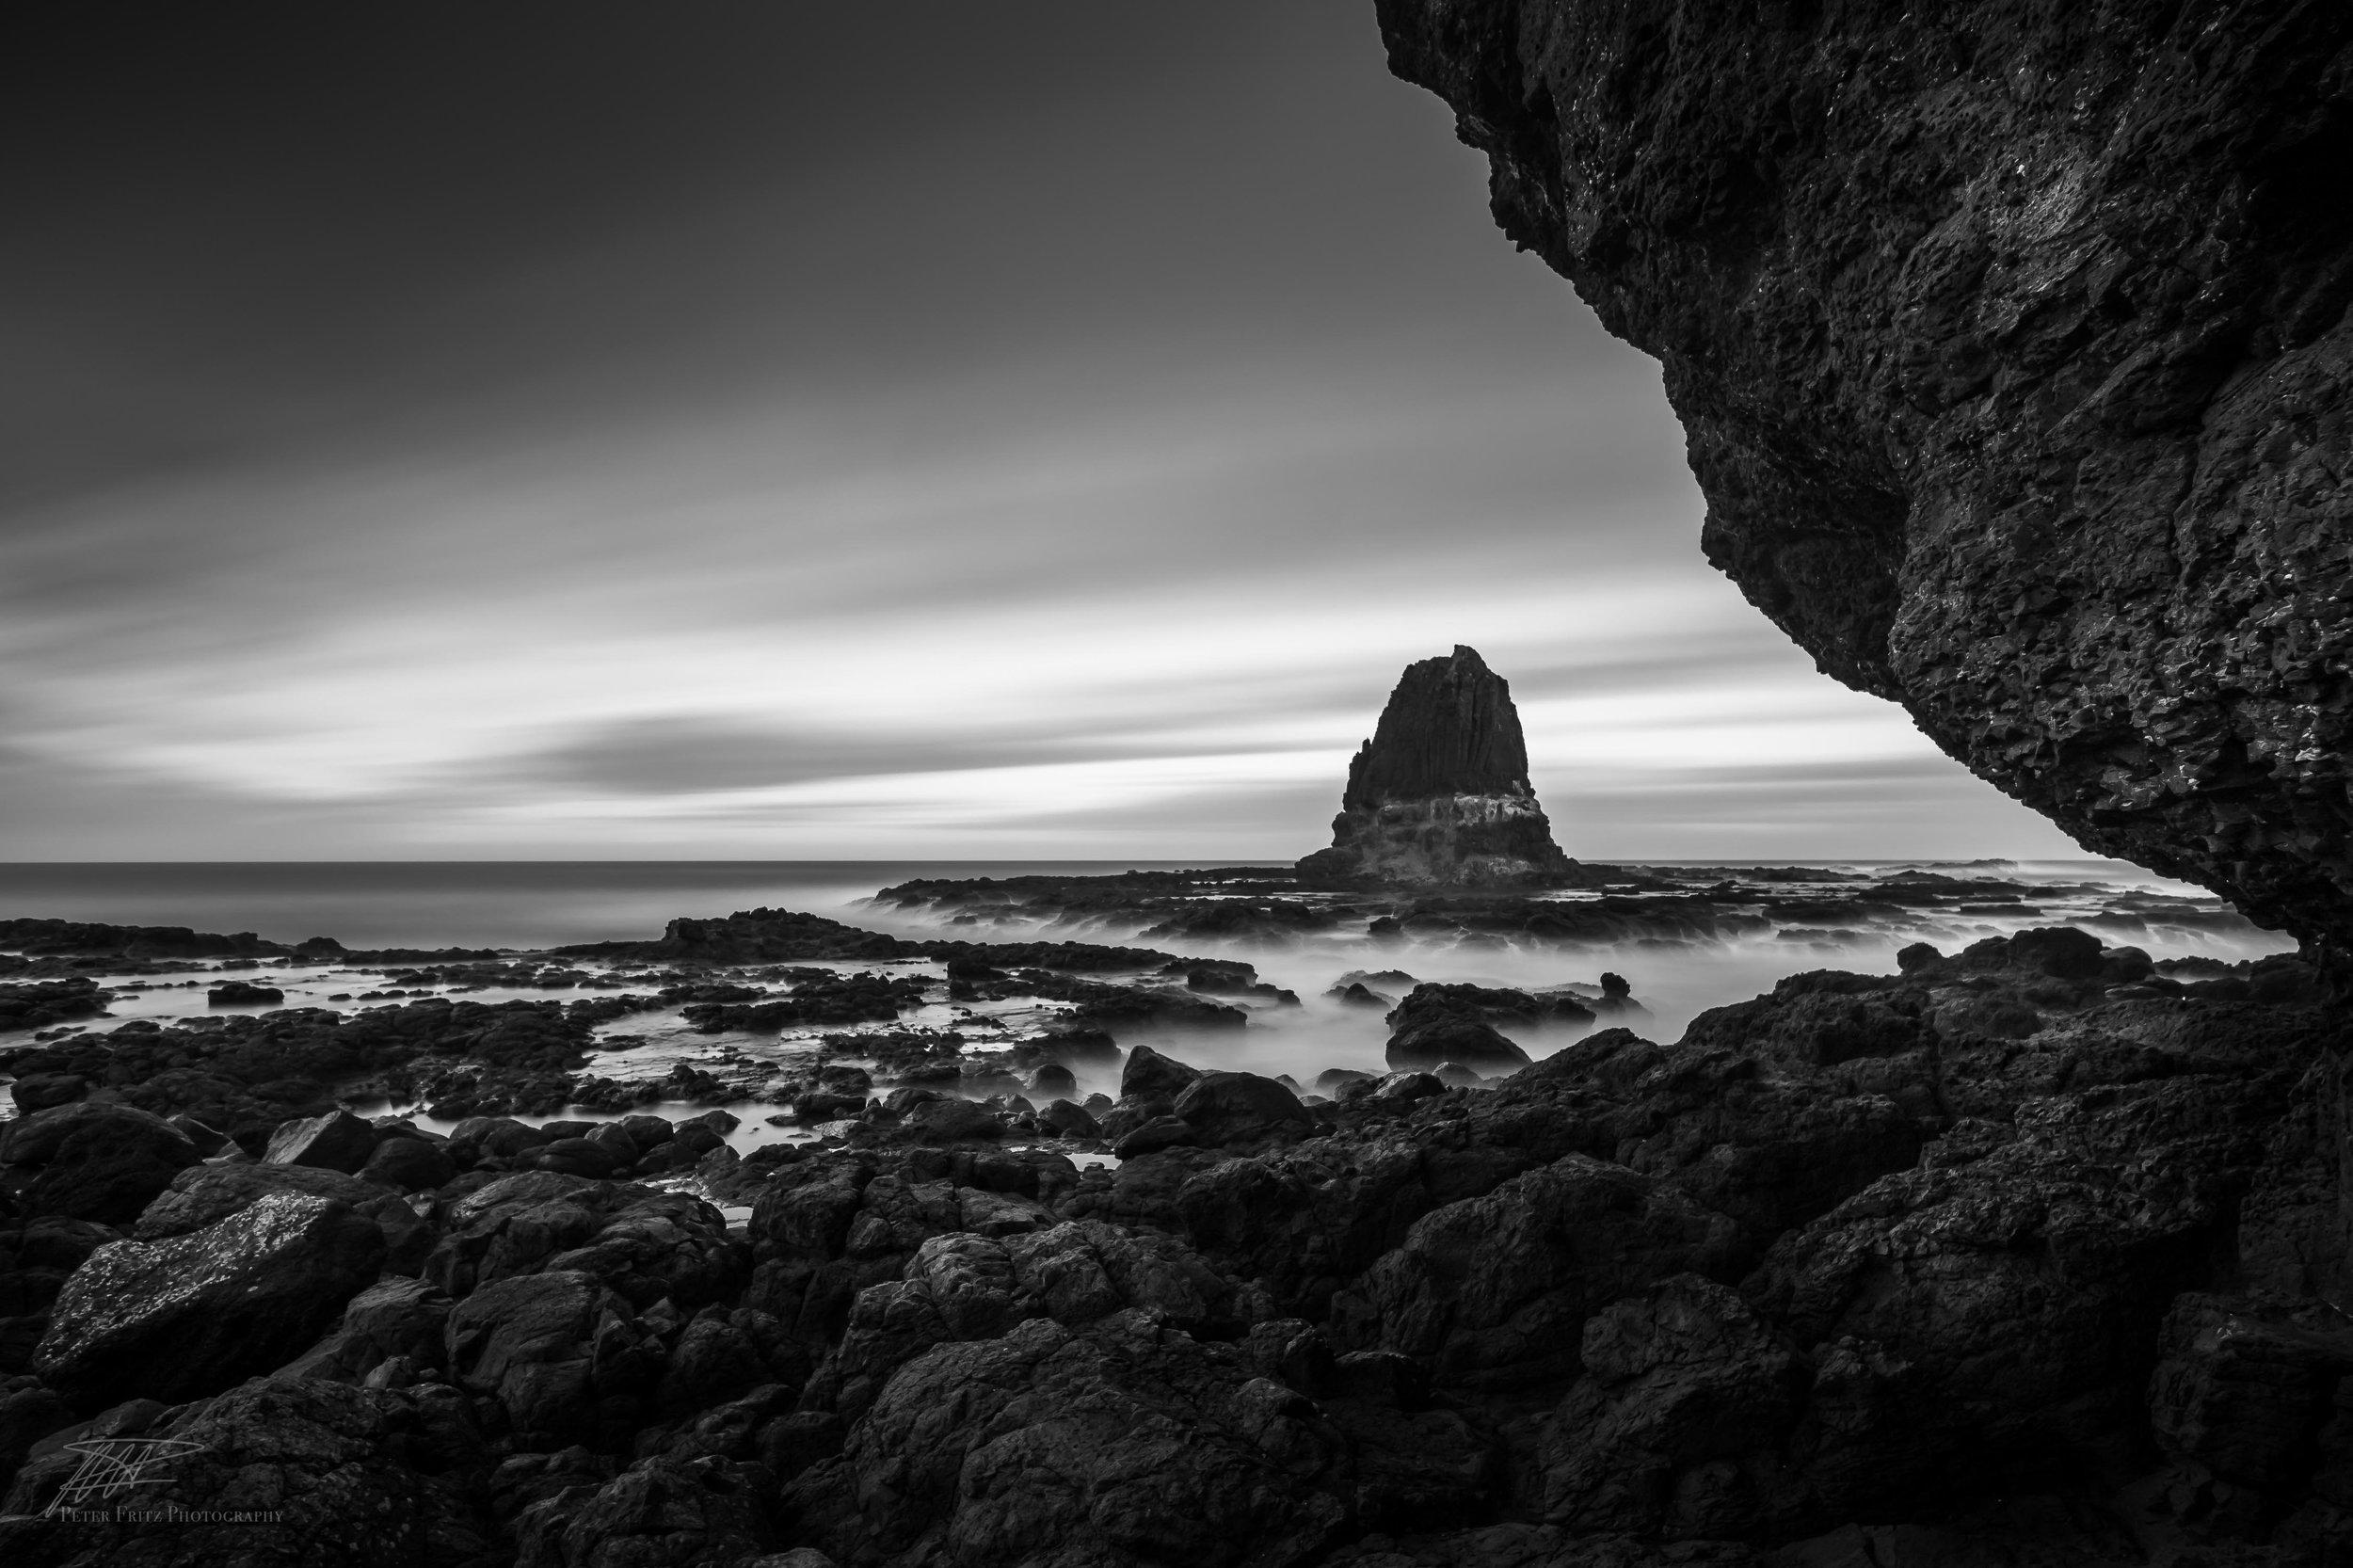 Pulpit rock cave 3x2 web.jpg